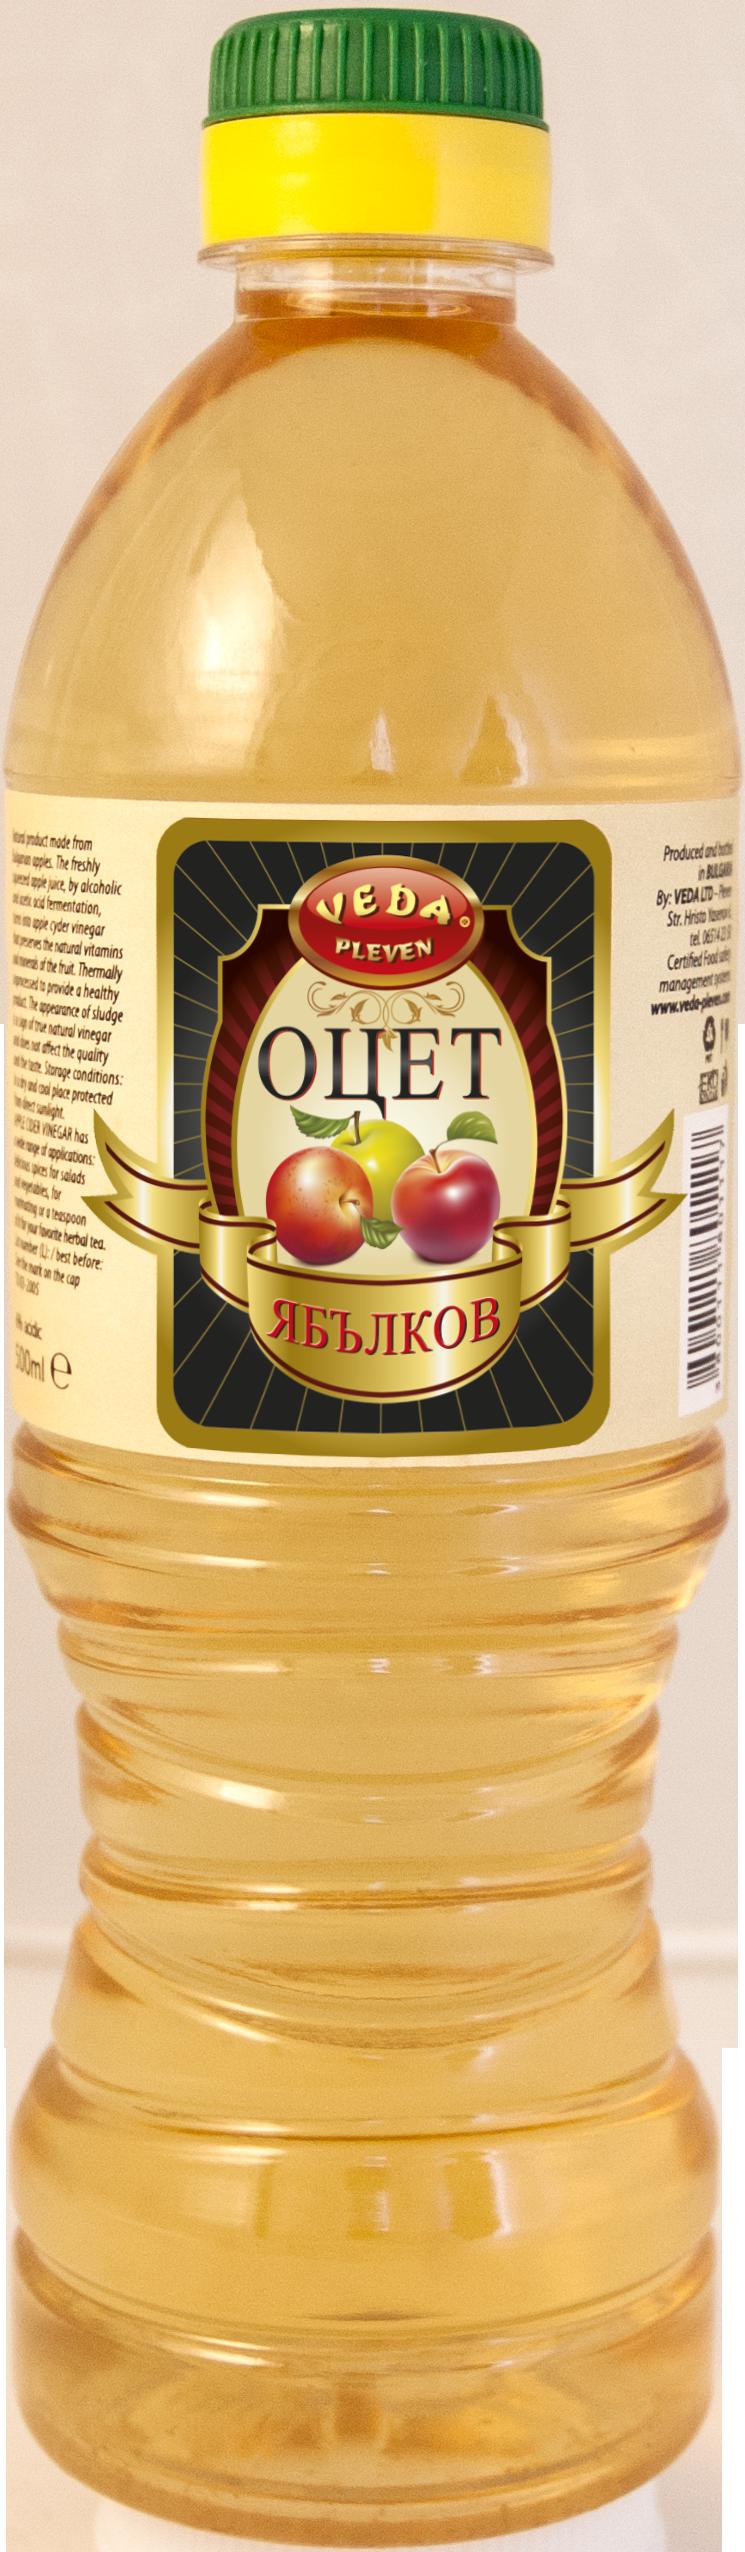 """Уксус Яблочный 5% 0,5 литров /ПЭТ ТМ """"VEDA"""""""